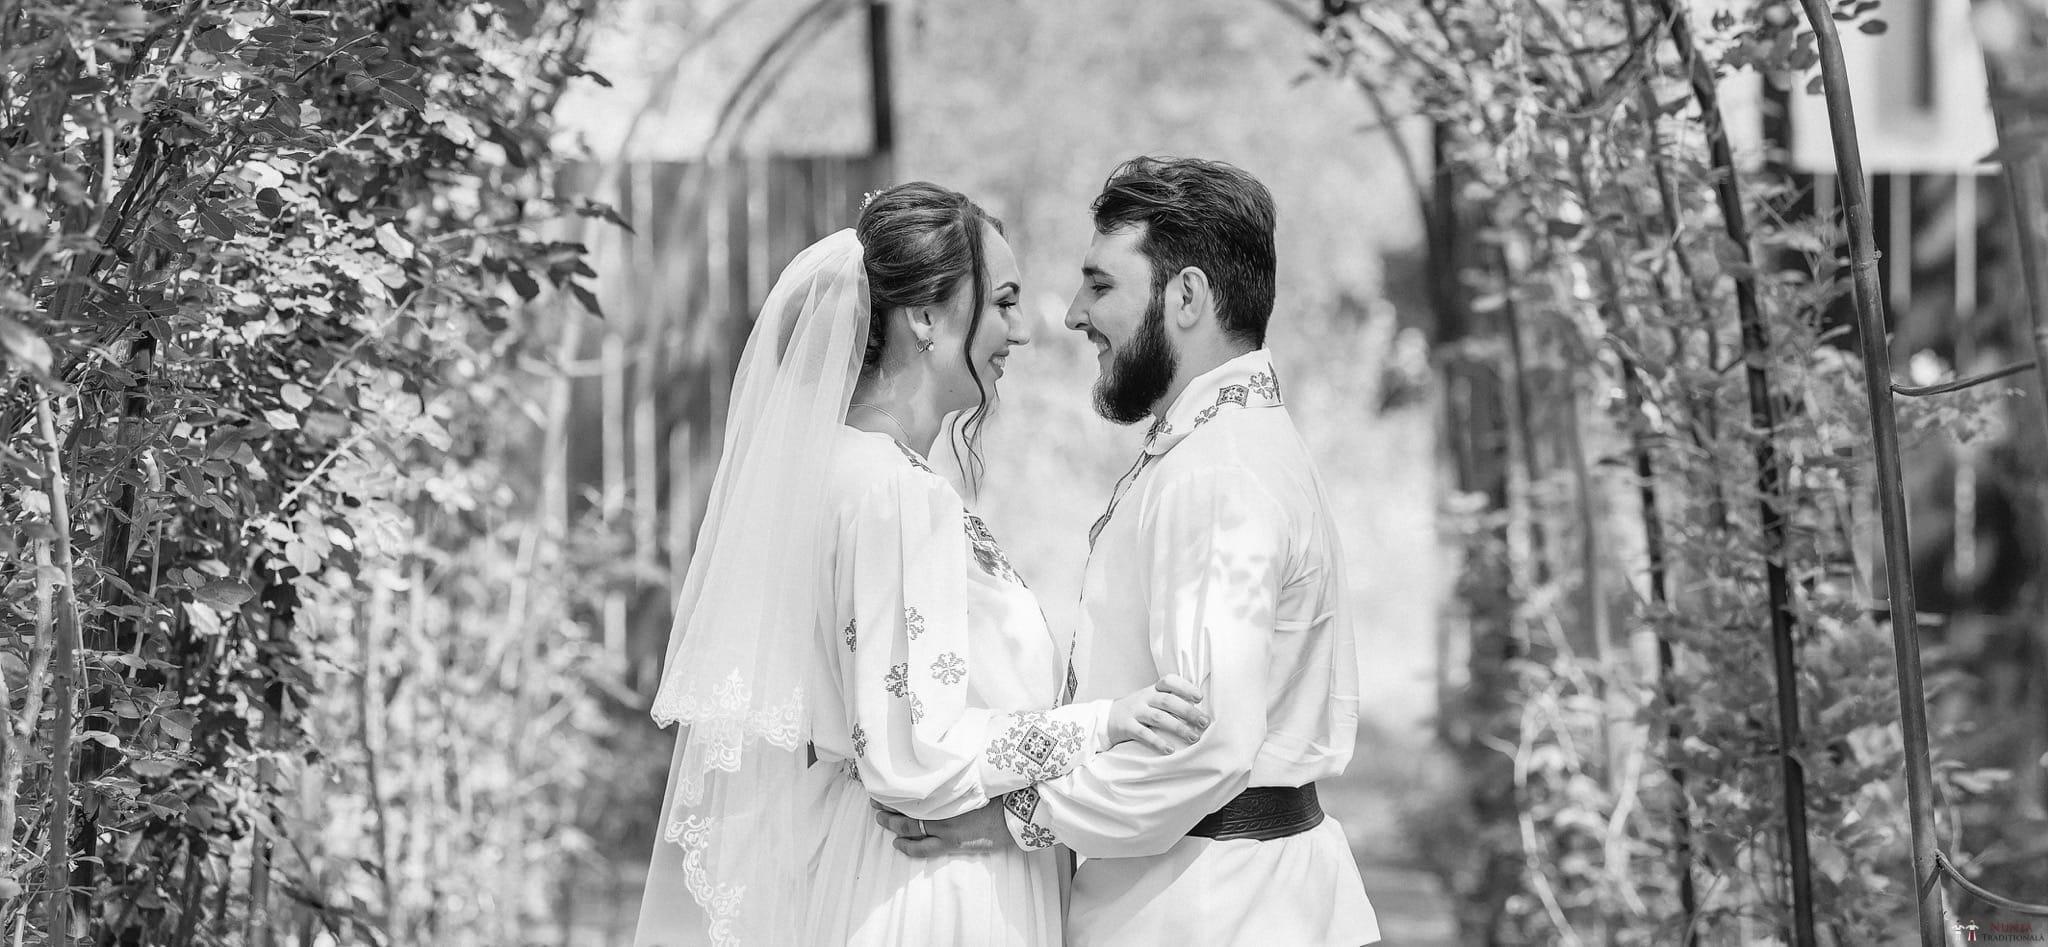 Povești Nunți Tradiționale - Daniela și Cristian, nuntă tradițională în Slobozia, Giurgiu 8